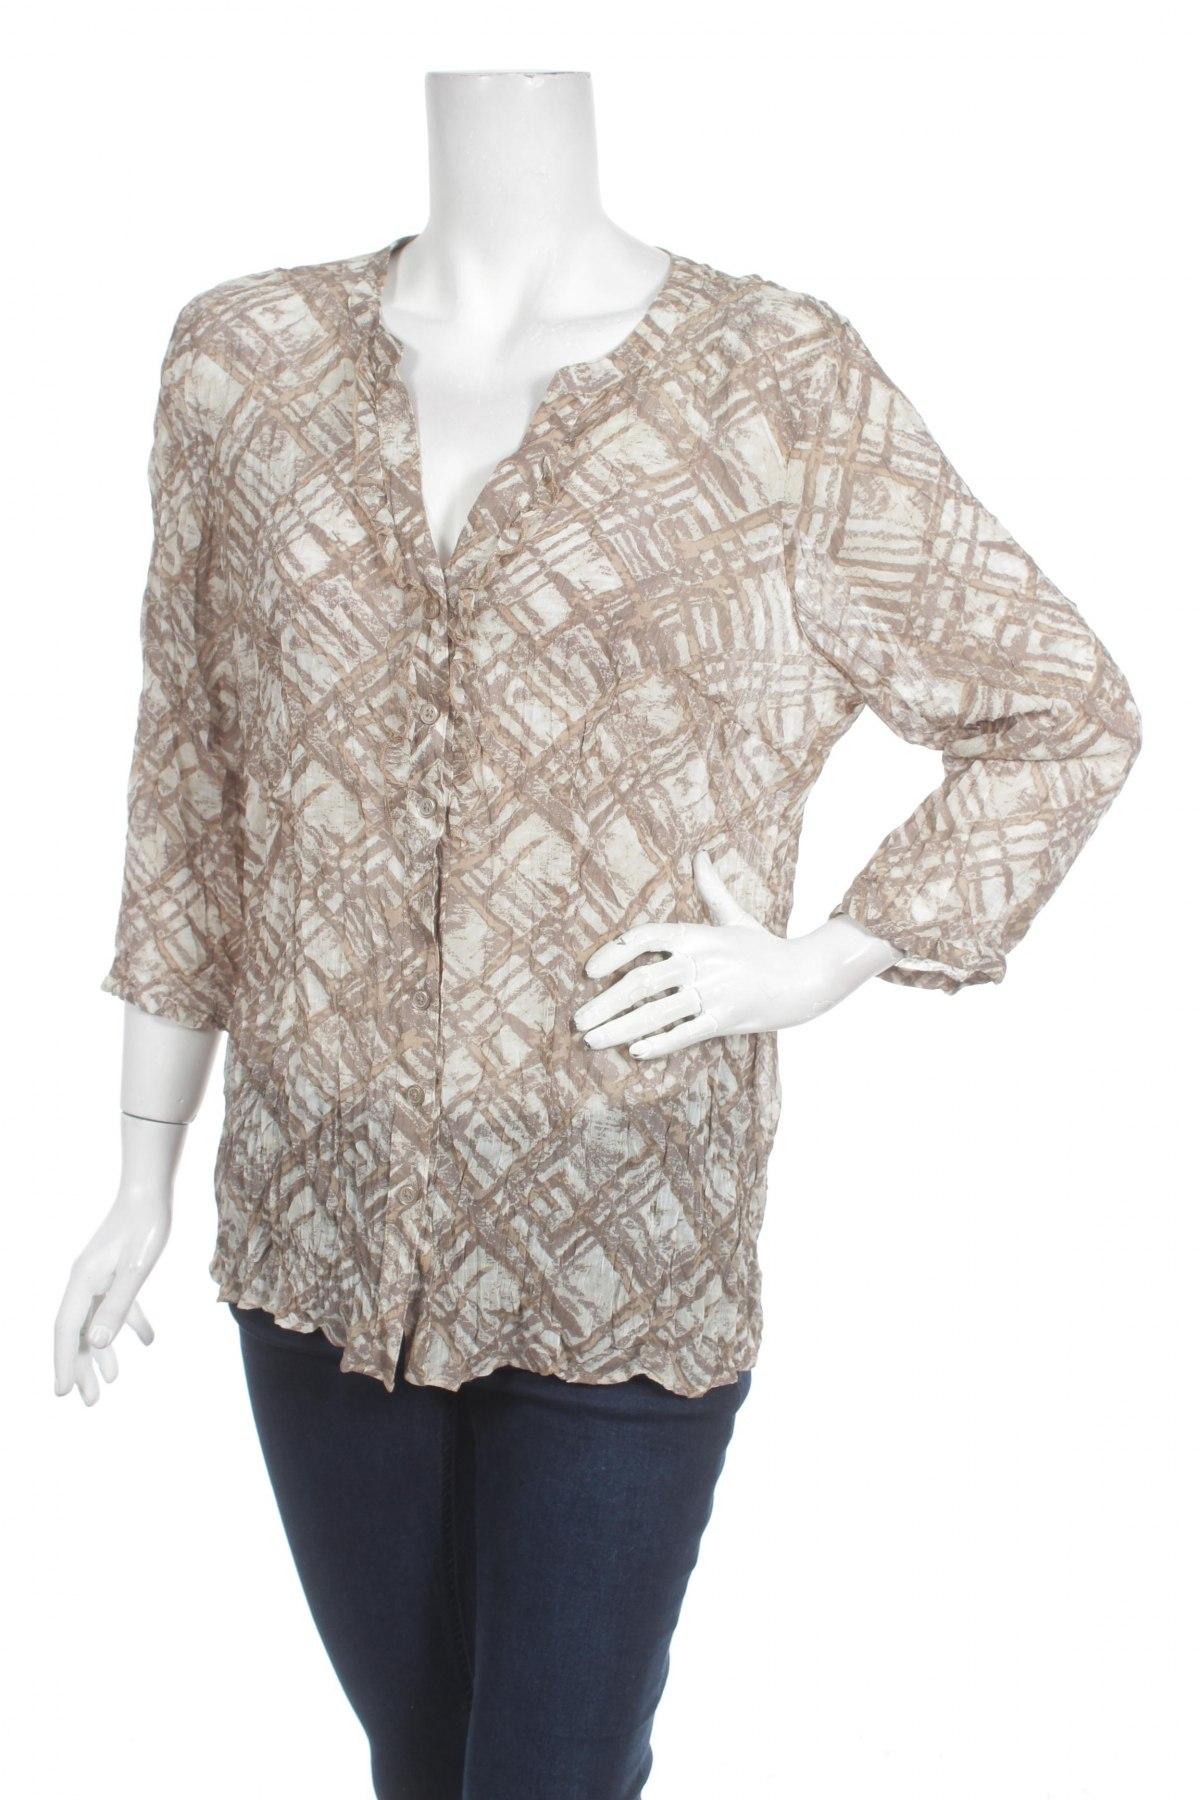 Γυναικείο πουκάμισο Reitmans, Μέγεθος XL, Χρώμα Πολύχρωμο, Πολυεστέρας, Τιμή 16,08€